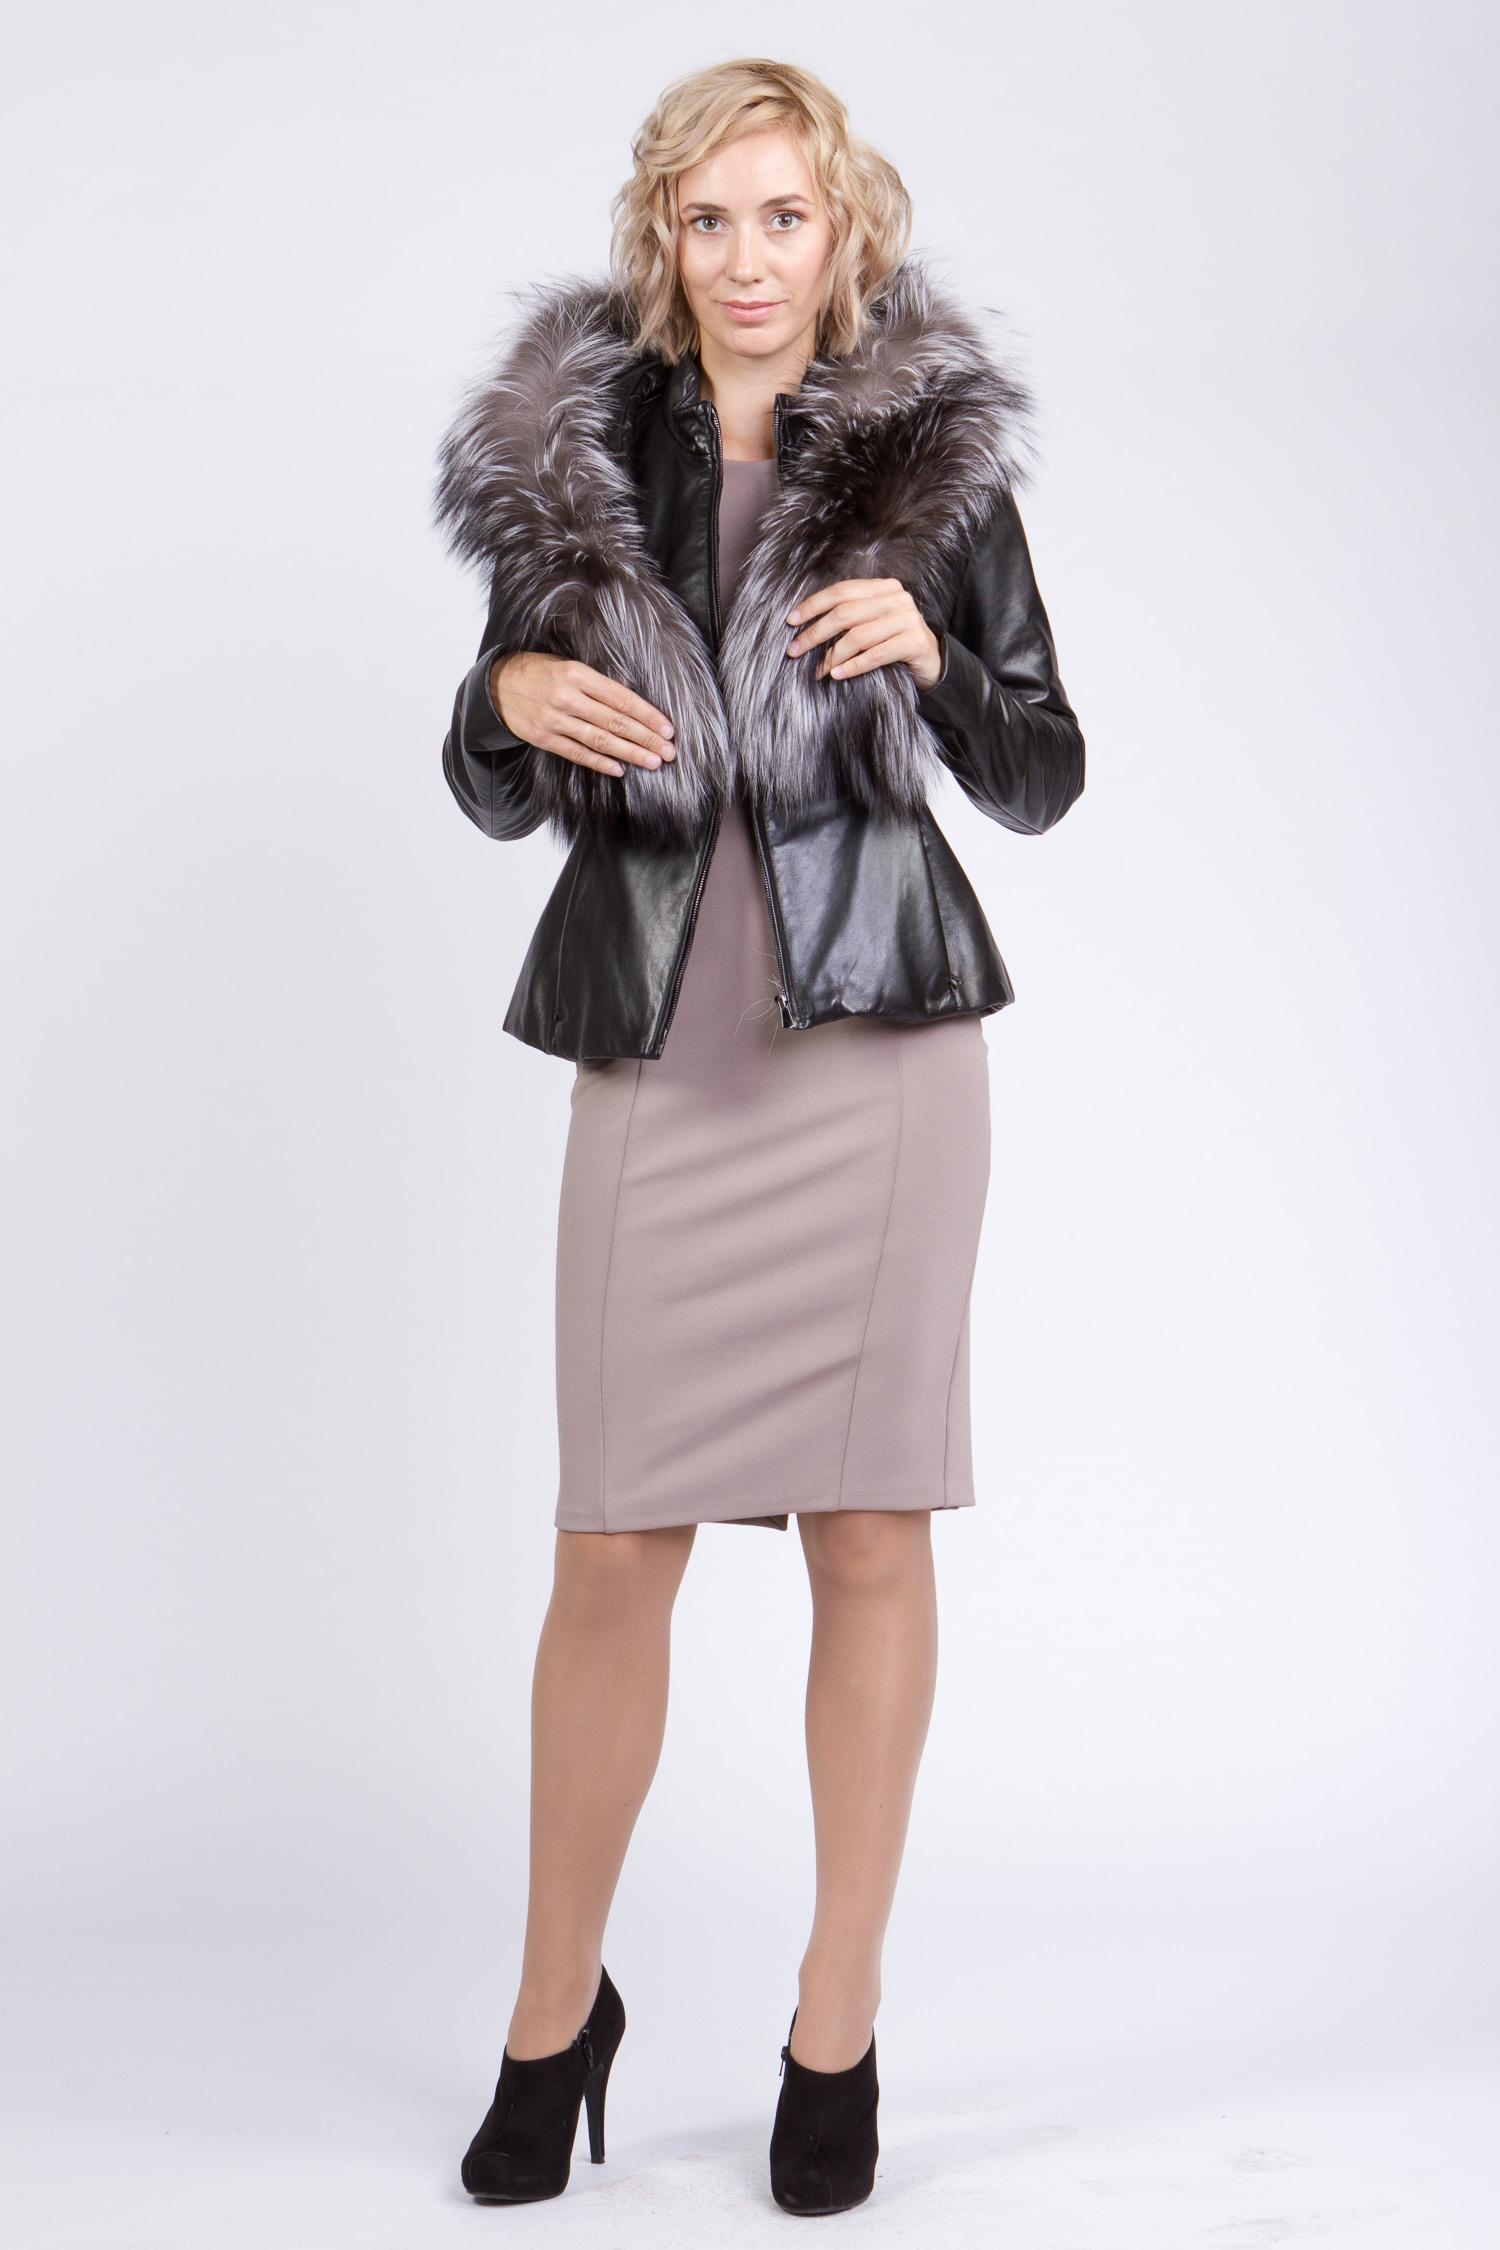 Женская кожаная куртка из натуральной кожи с капюшоном, отделка чернобурка от Московская Меховая Компания